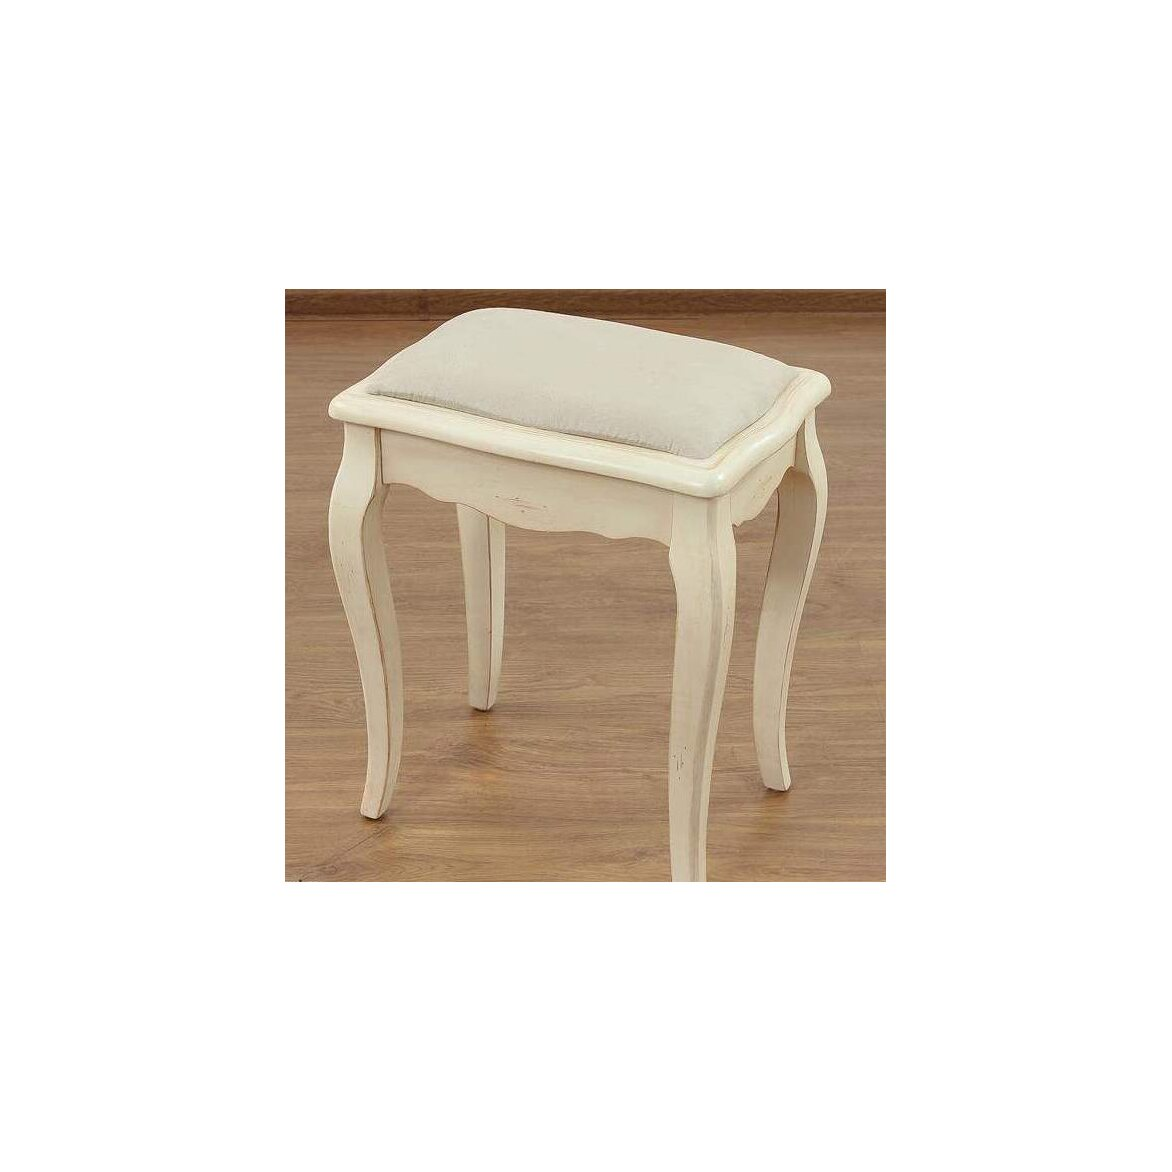 Табурет с мягким сиденьем к макияжному столику Leontina, бежевого цвета 5 | Стулья Kingsby